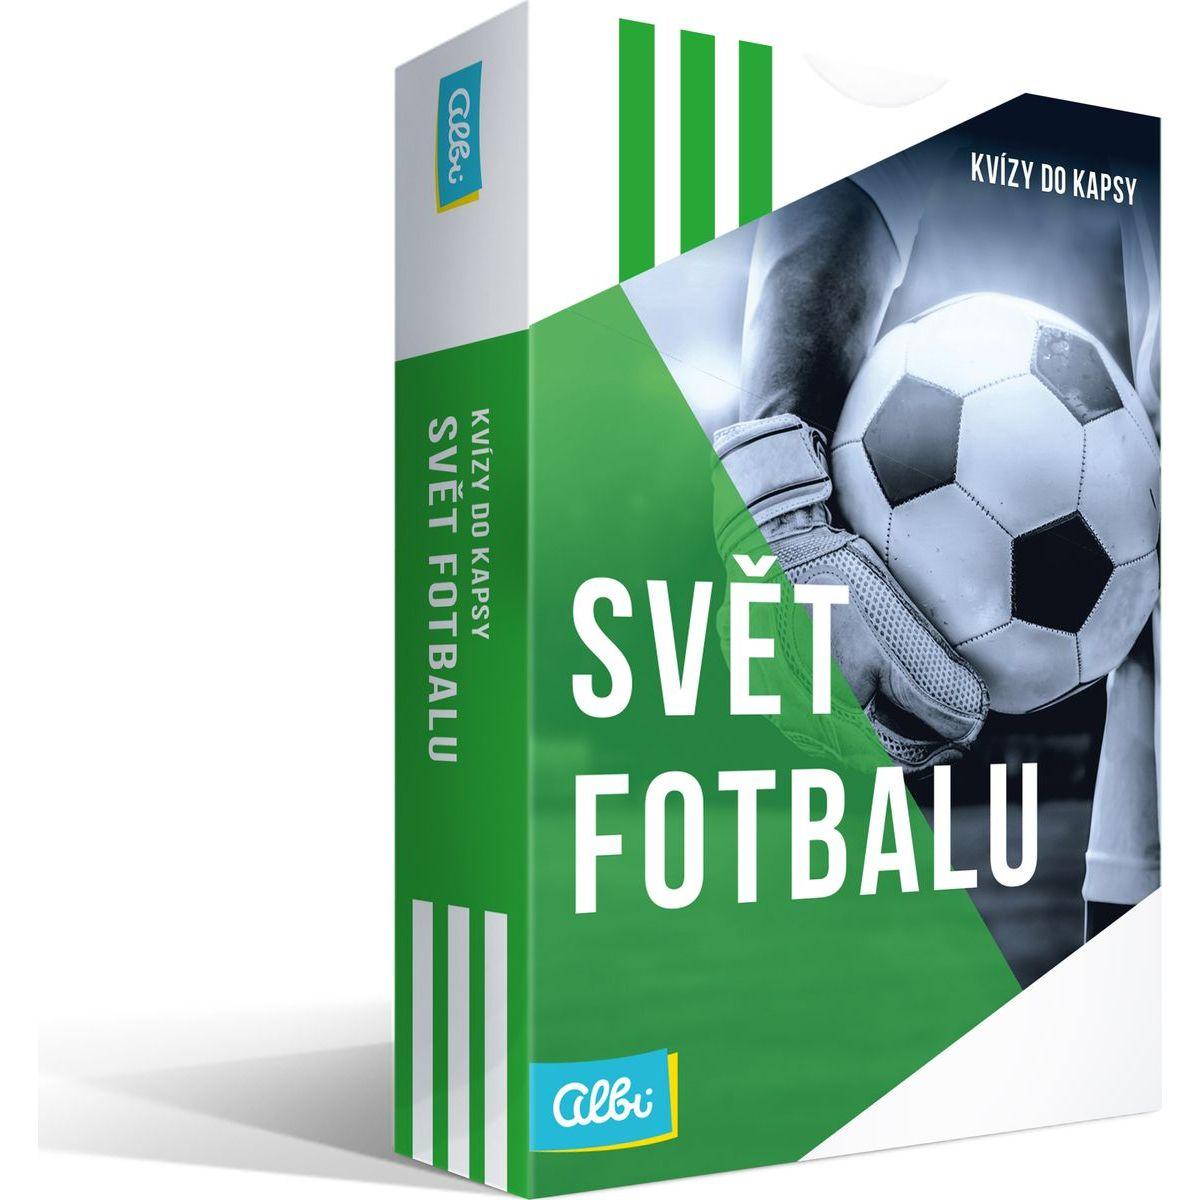 Albi Nové Kvízy do kapsy Svět fotbalu